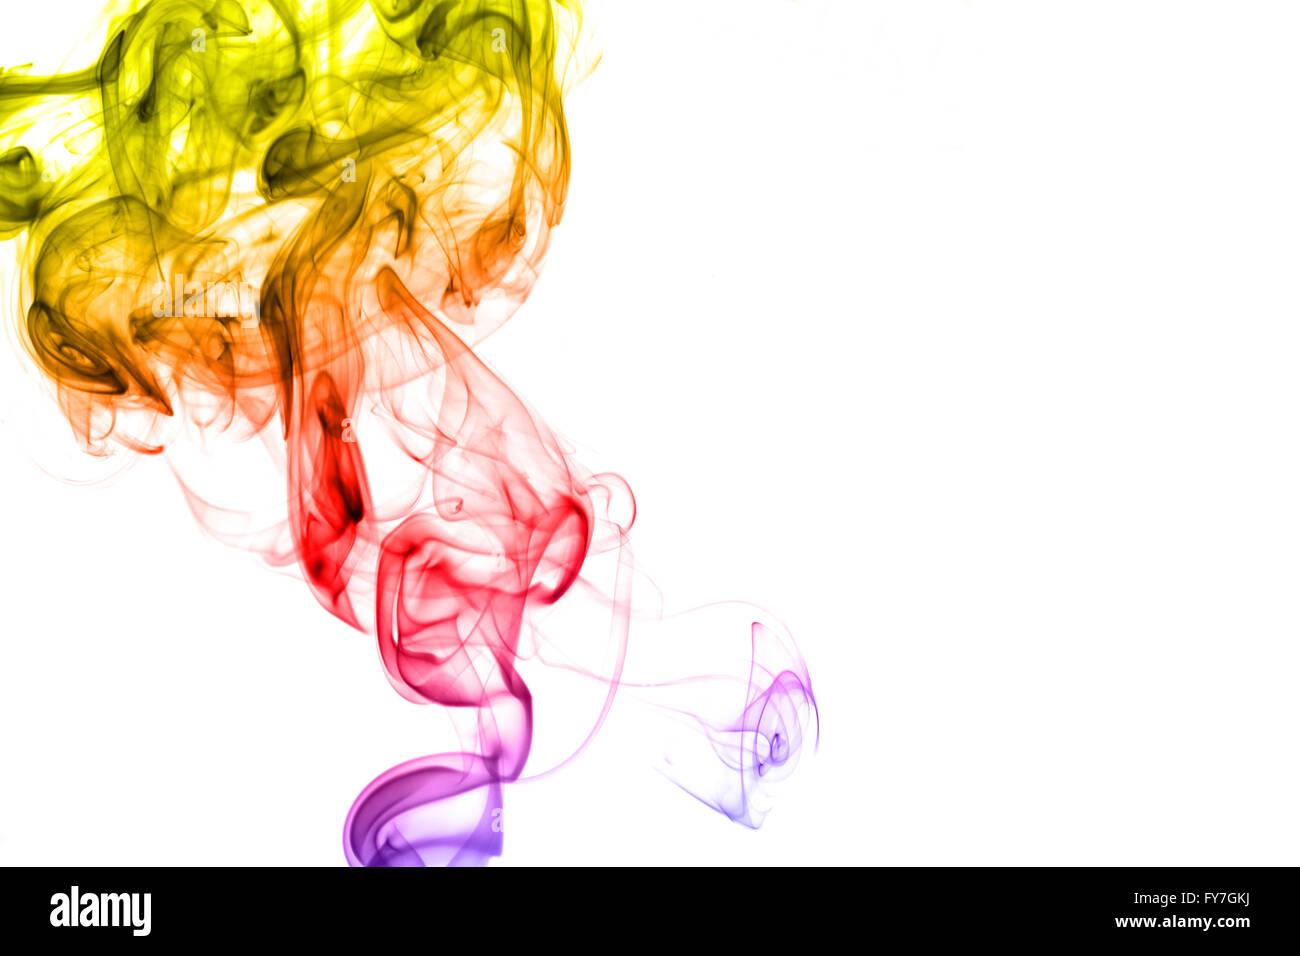 Rainbow humo aislado sobre fondo blanco. Imagen De Stock